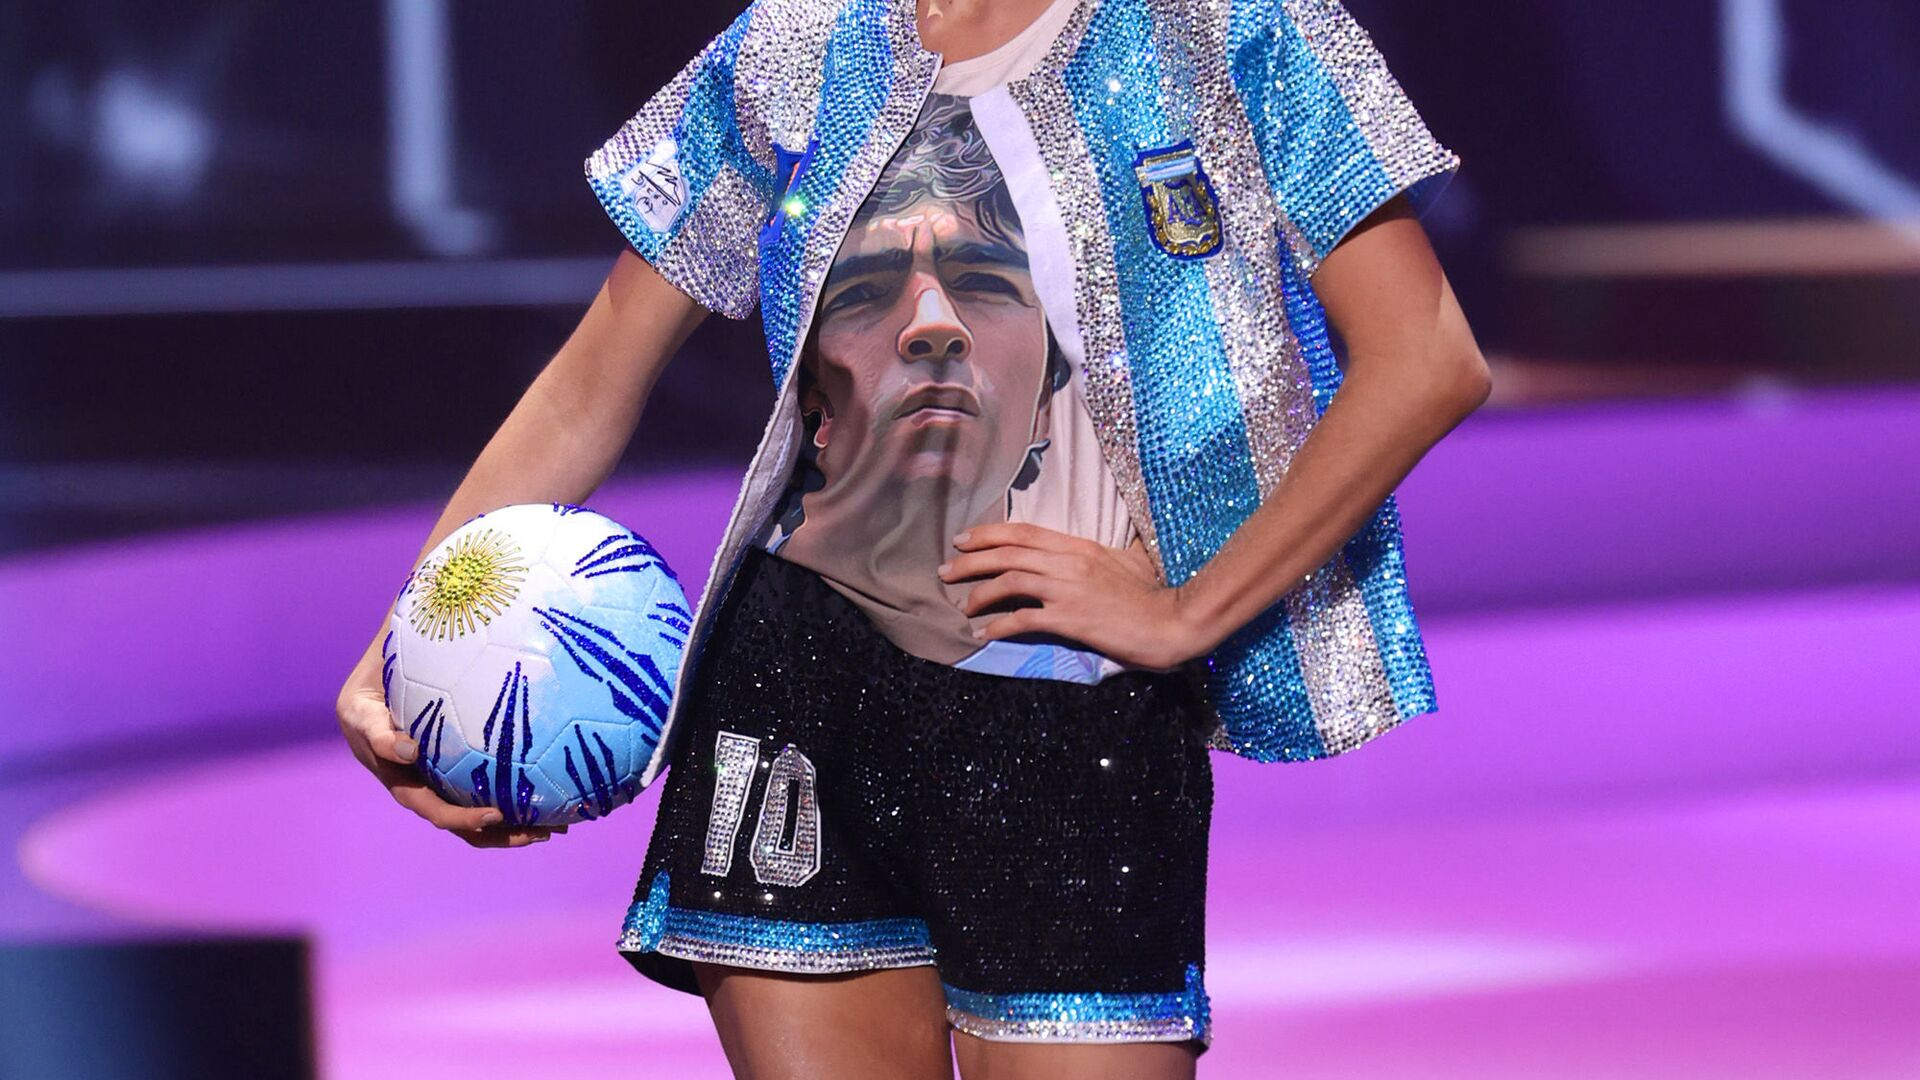 Мисс Аргентина Алина Аксельрад во время показа национального костюма конкурса Мисс Вселенная 2021  - Sputnik Italia, 1920, 14.06.2021